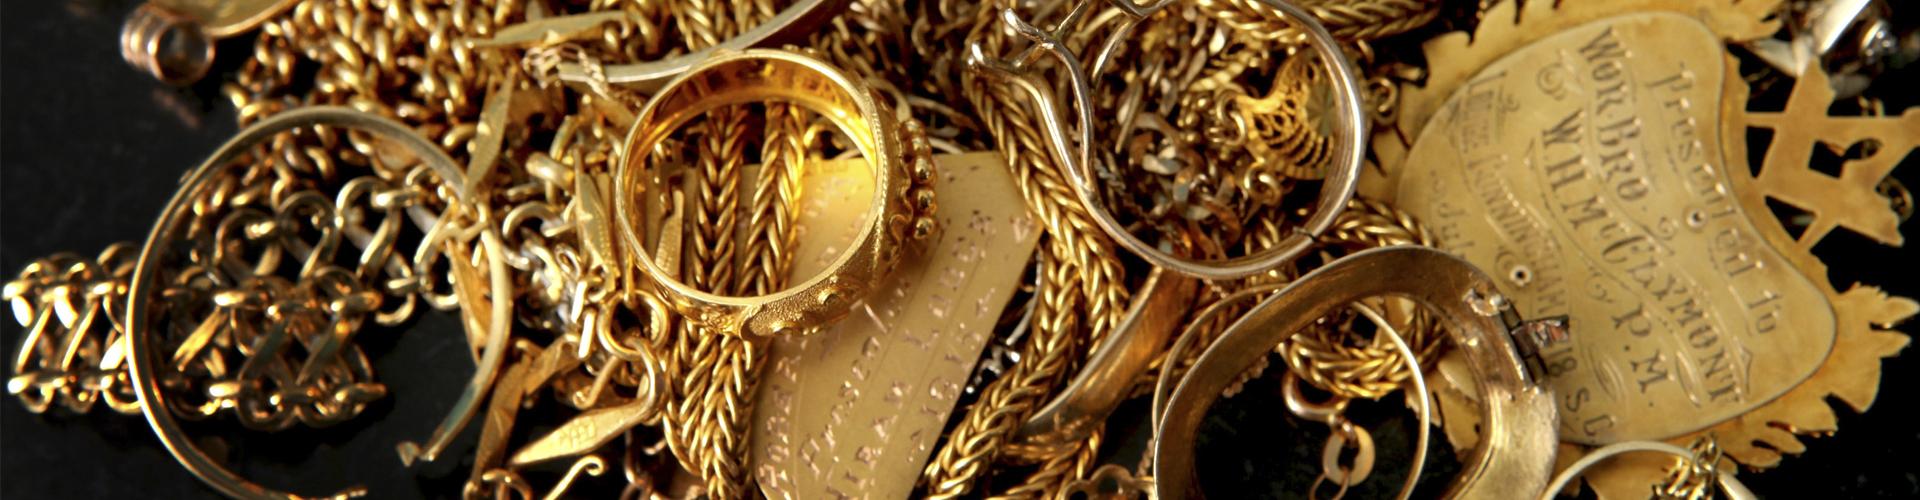 912a6e5ae995 Сдать золото в Санкт-Петербурге, цена за грамм золота в СПб